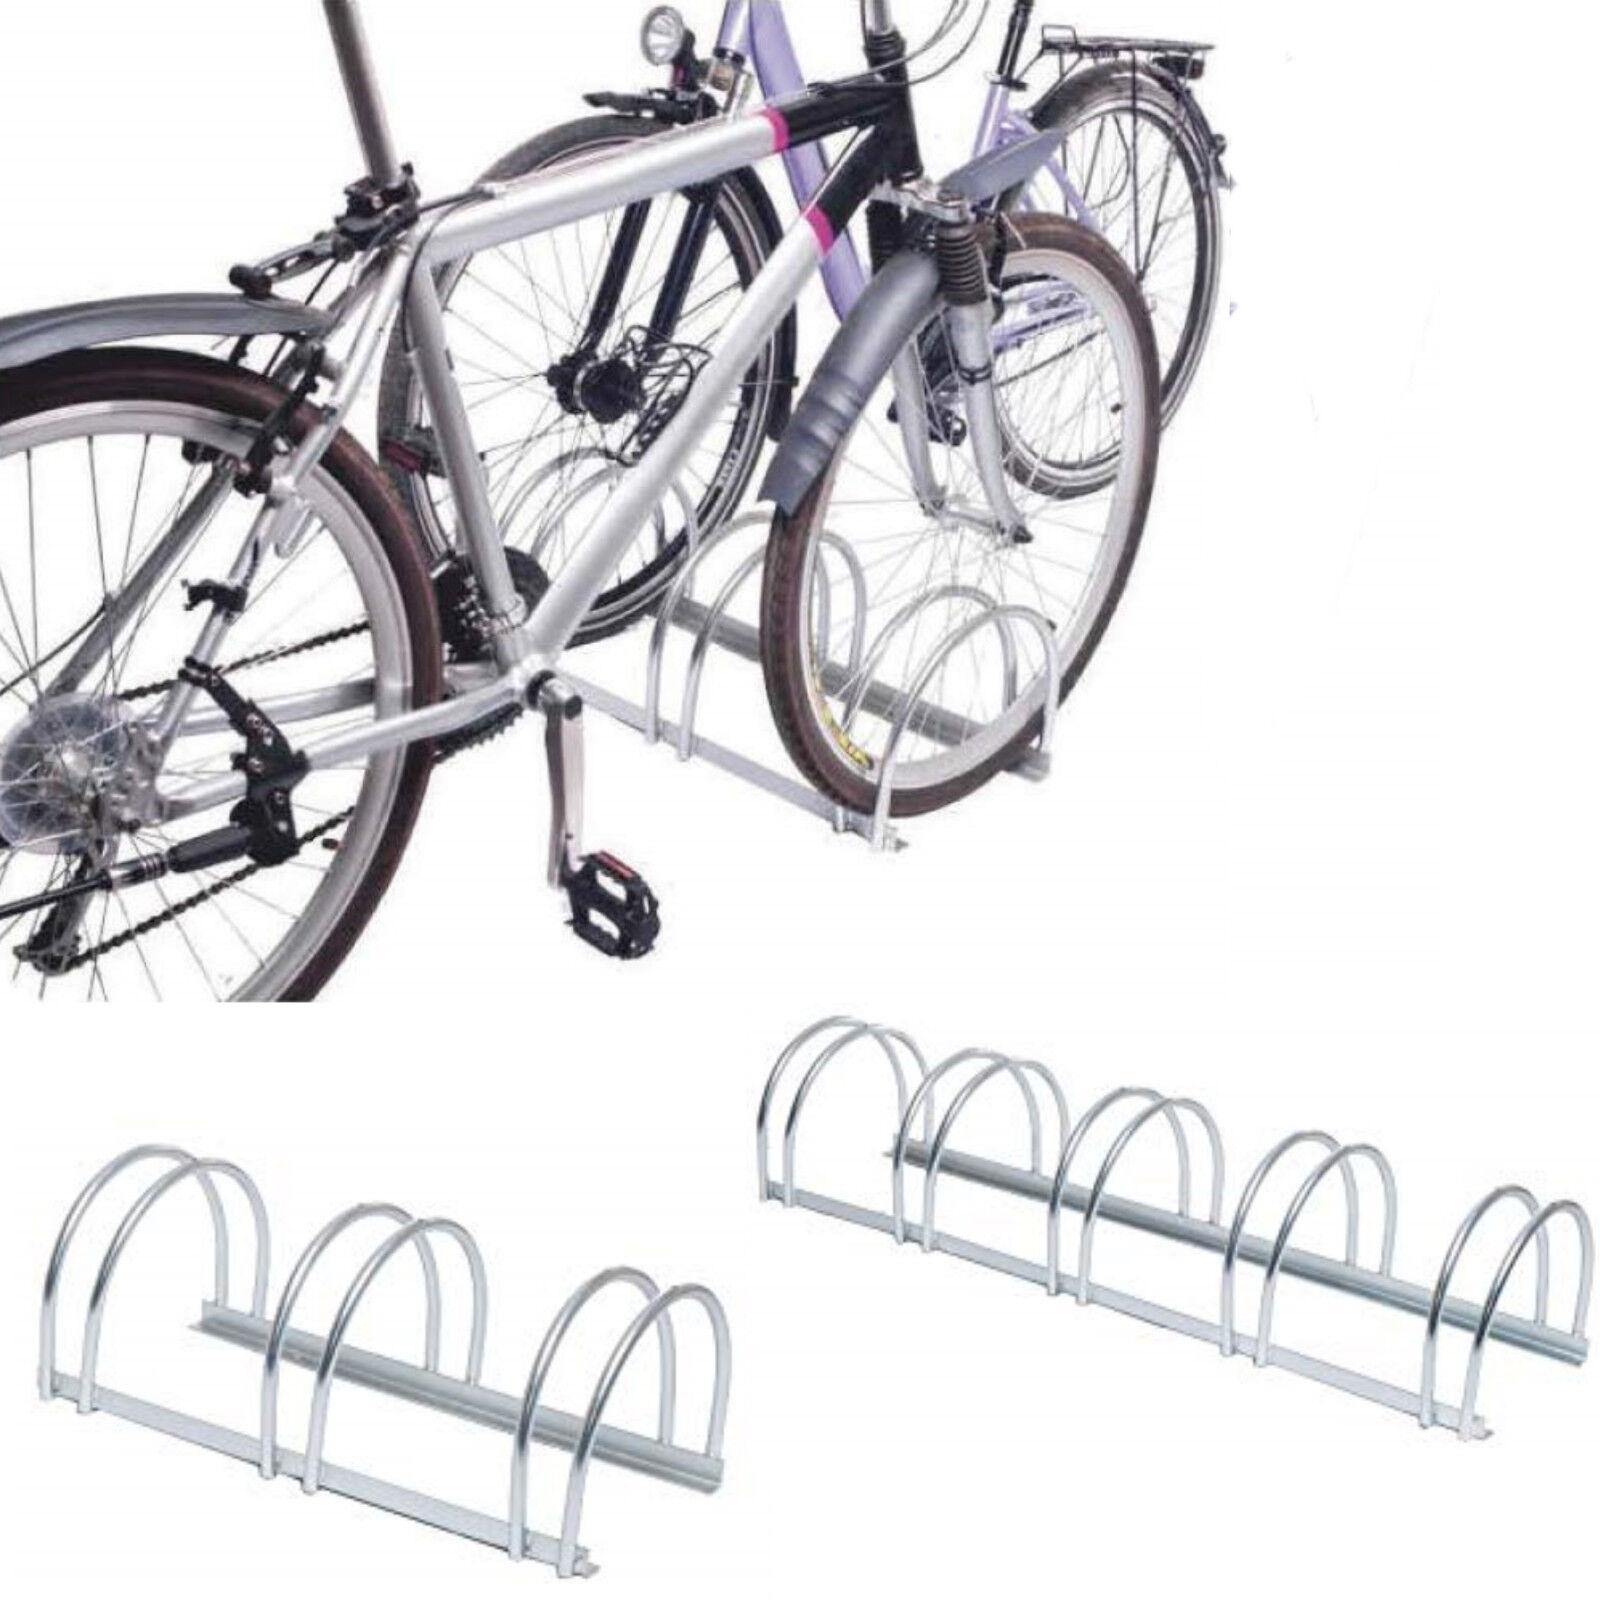 Fahrradständer Reihenparker Classic zweiseitige Radeinstellung Reifenbreite 55mm